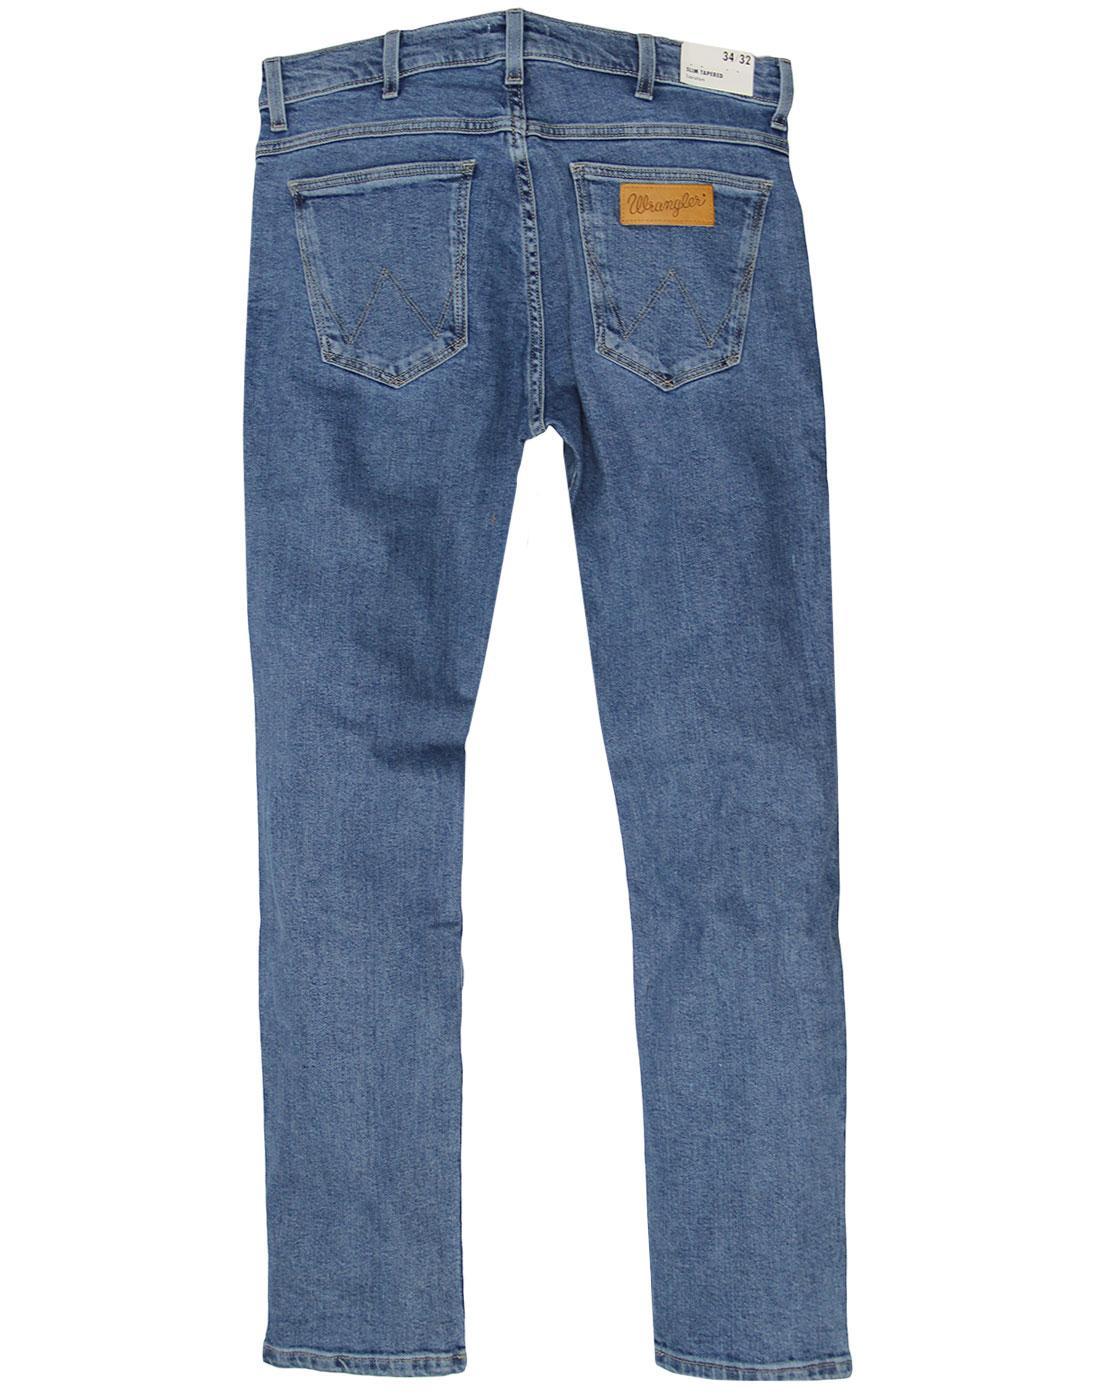 3cfda79c WRANGLER Larston Retro Mod Slim Tapered Midstone Denim Jeans